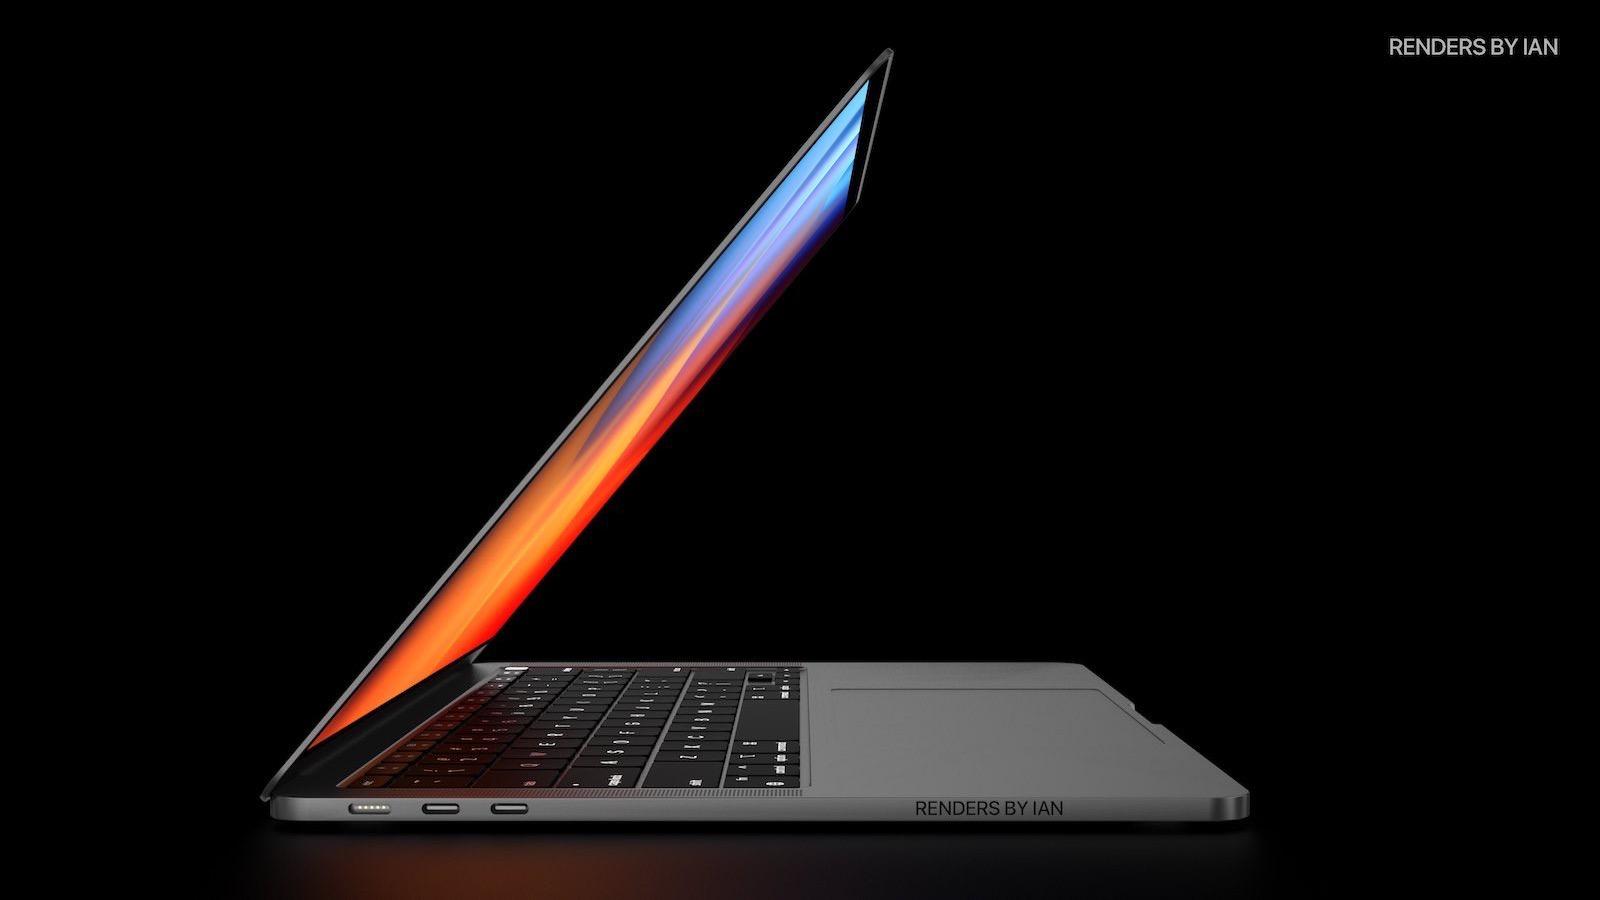 Macbook pro 14inch concept image rendersbyian